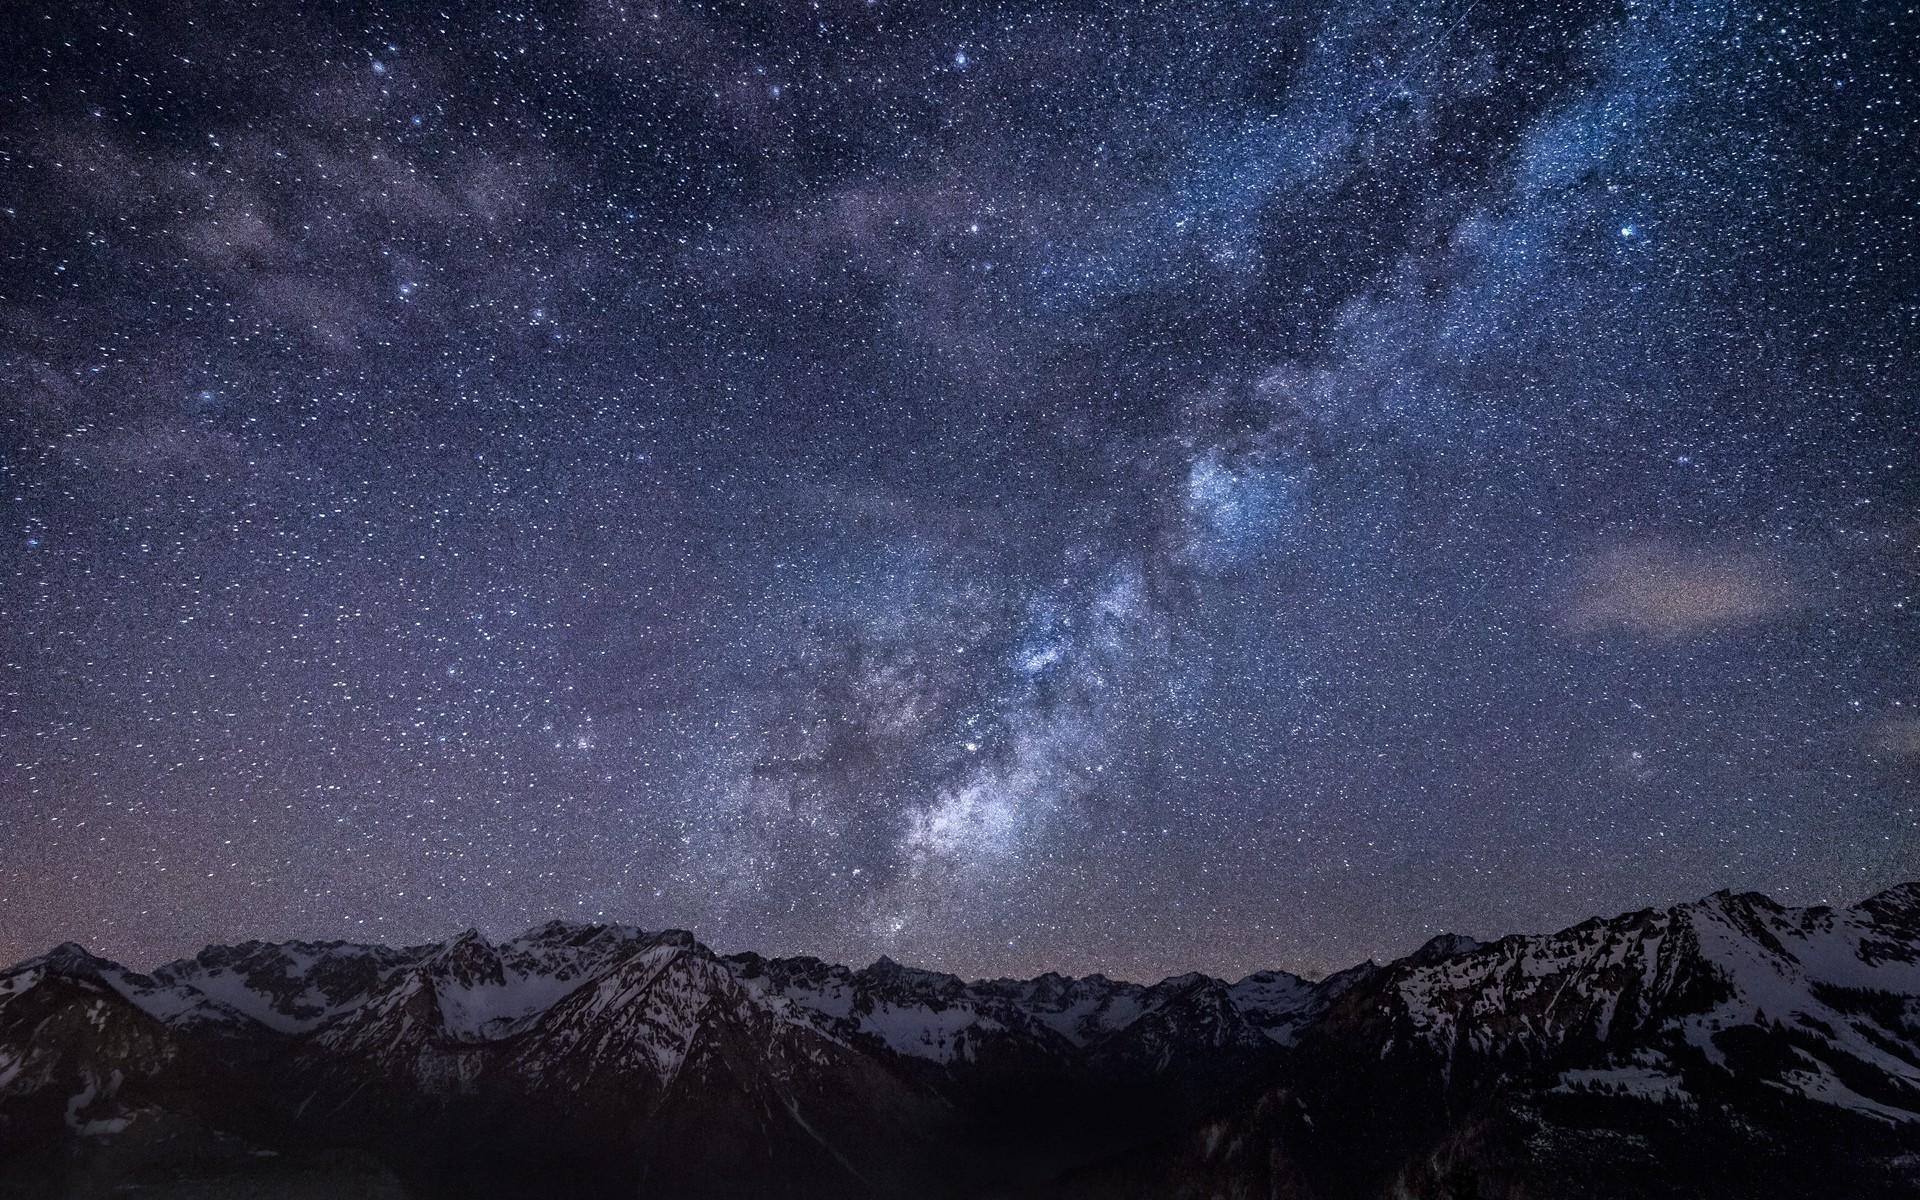 Fond d'écran : paysage, Montagnes, galaxie, ciel, longue exposition, étoiles, voie Lactée, nuit ...